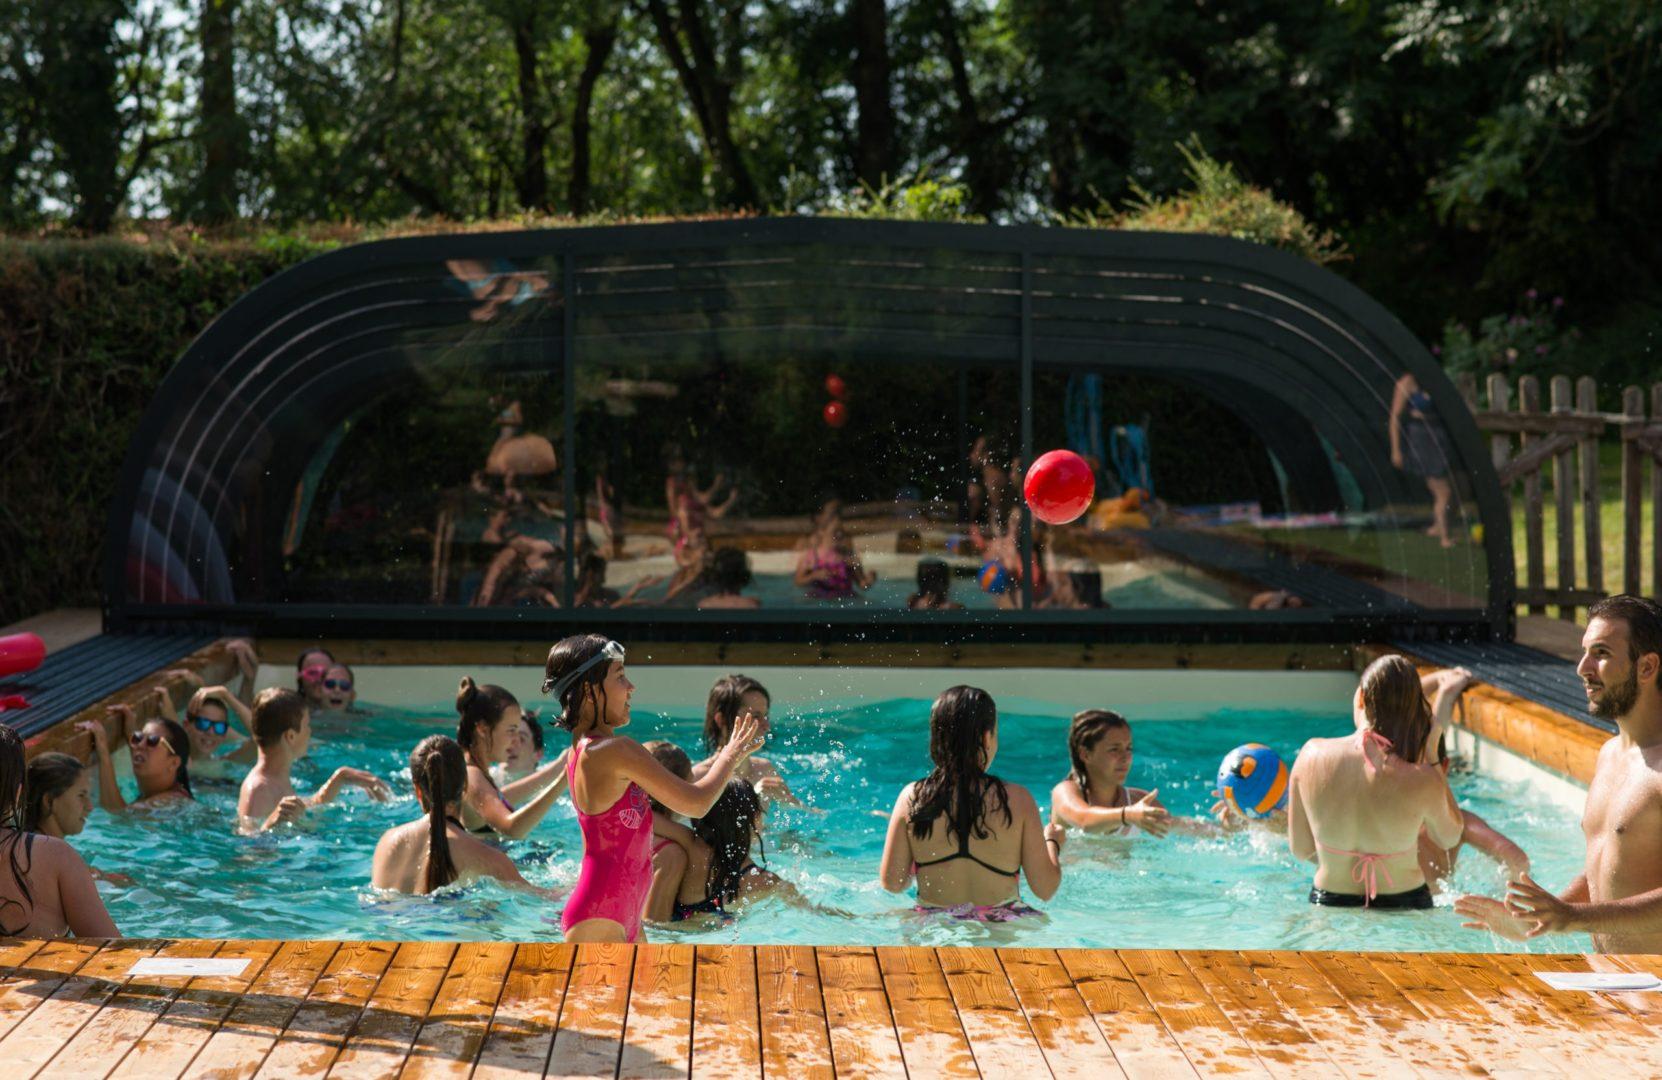 pisciune couverte ; abri piscine ; ferme pédagogique ; colonie de vacances ; centrde de vacances ; gite de groupe ; classe découverte